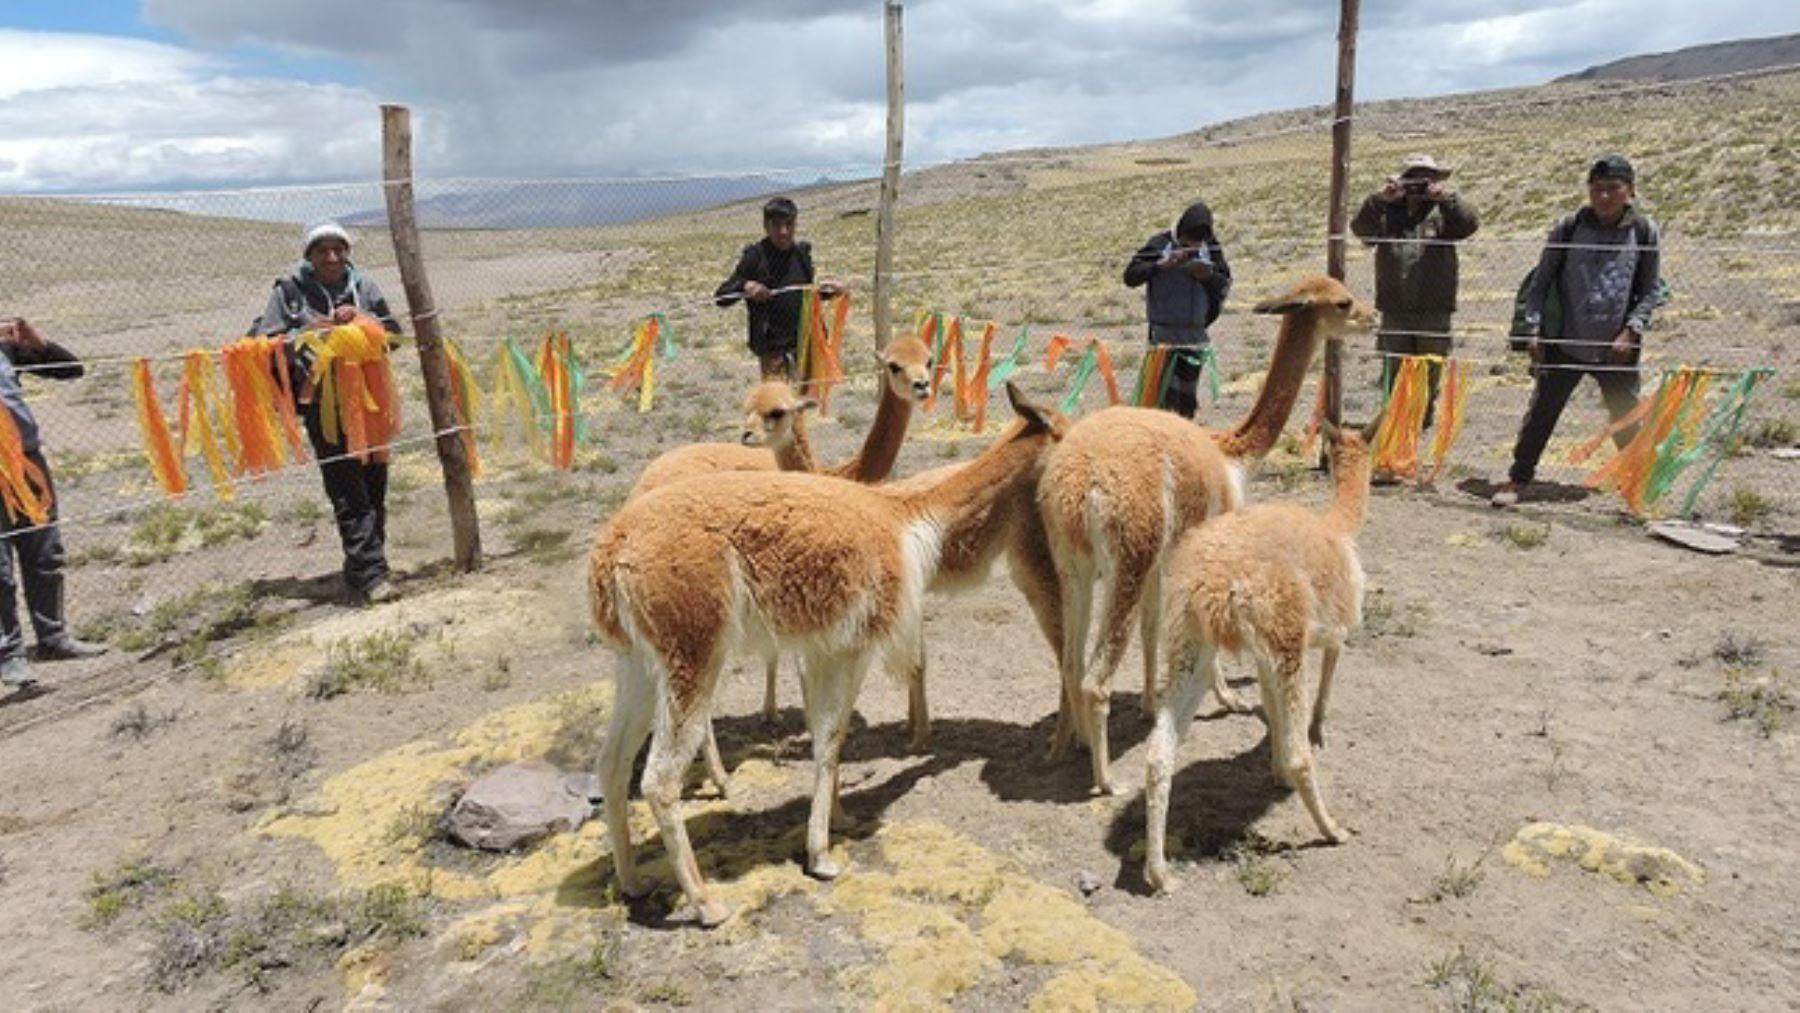 Con chaccu ponen en marcha primer plan de manejo de fibra de vicuña en la Reserva Paisajística Subcuenca del Cotahuasi, en la región Arequipa.